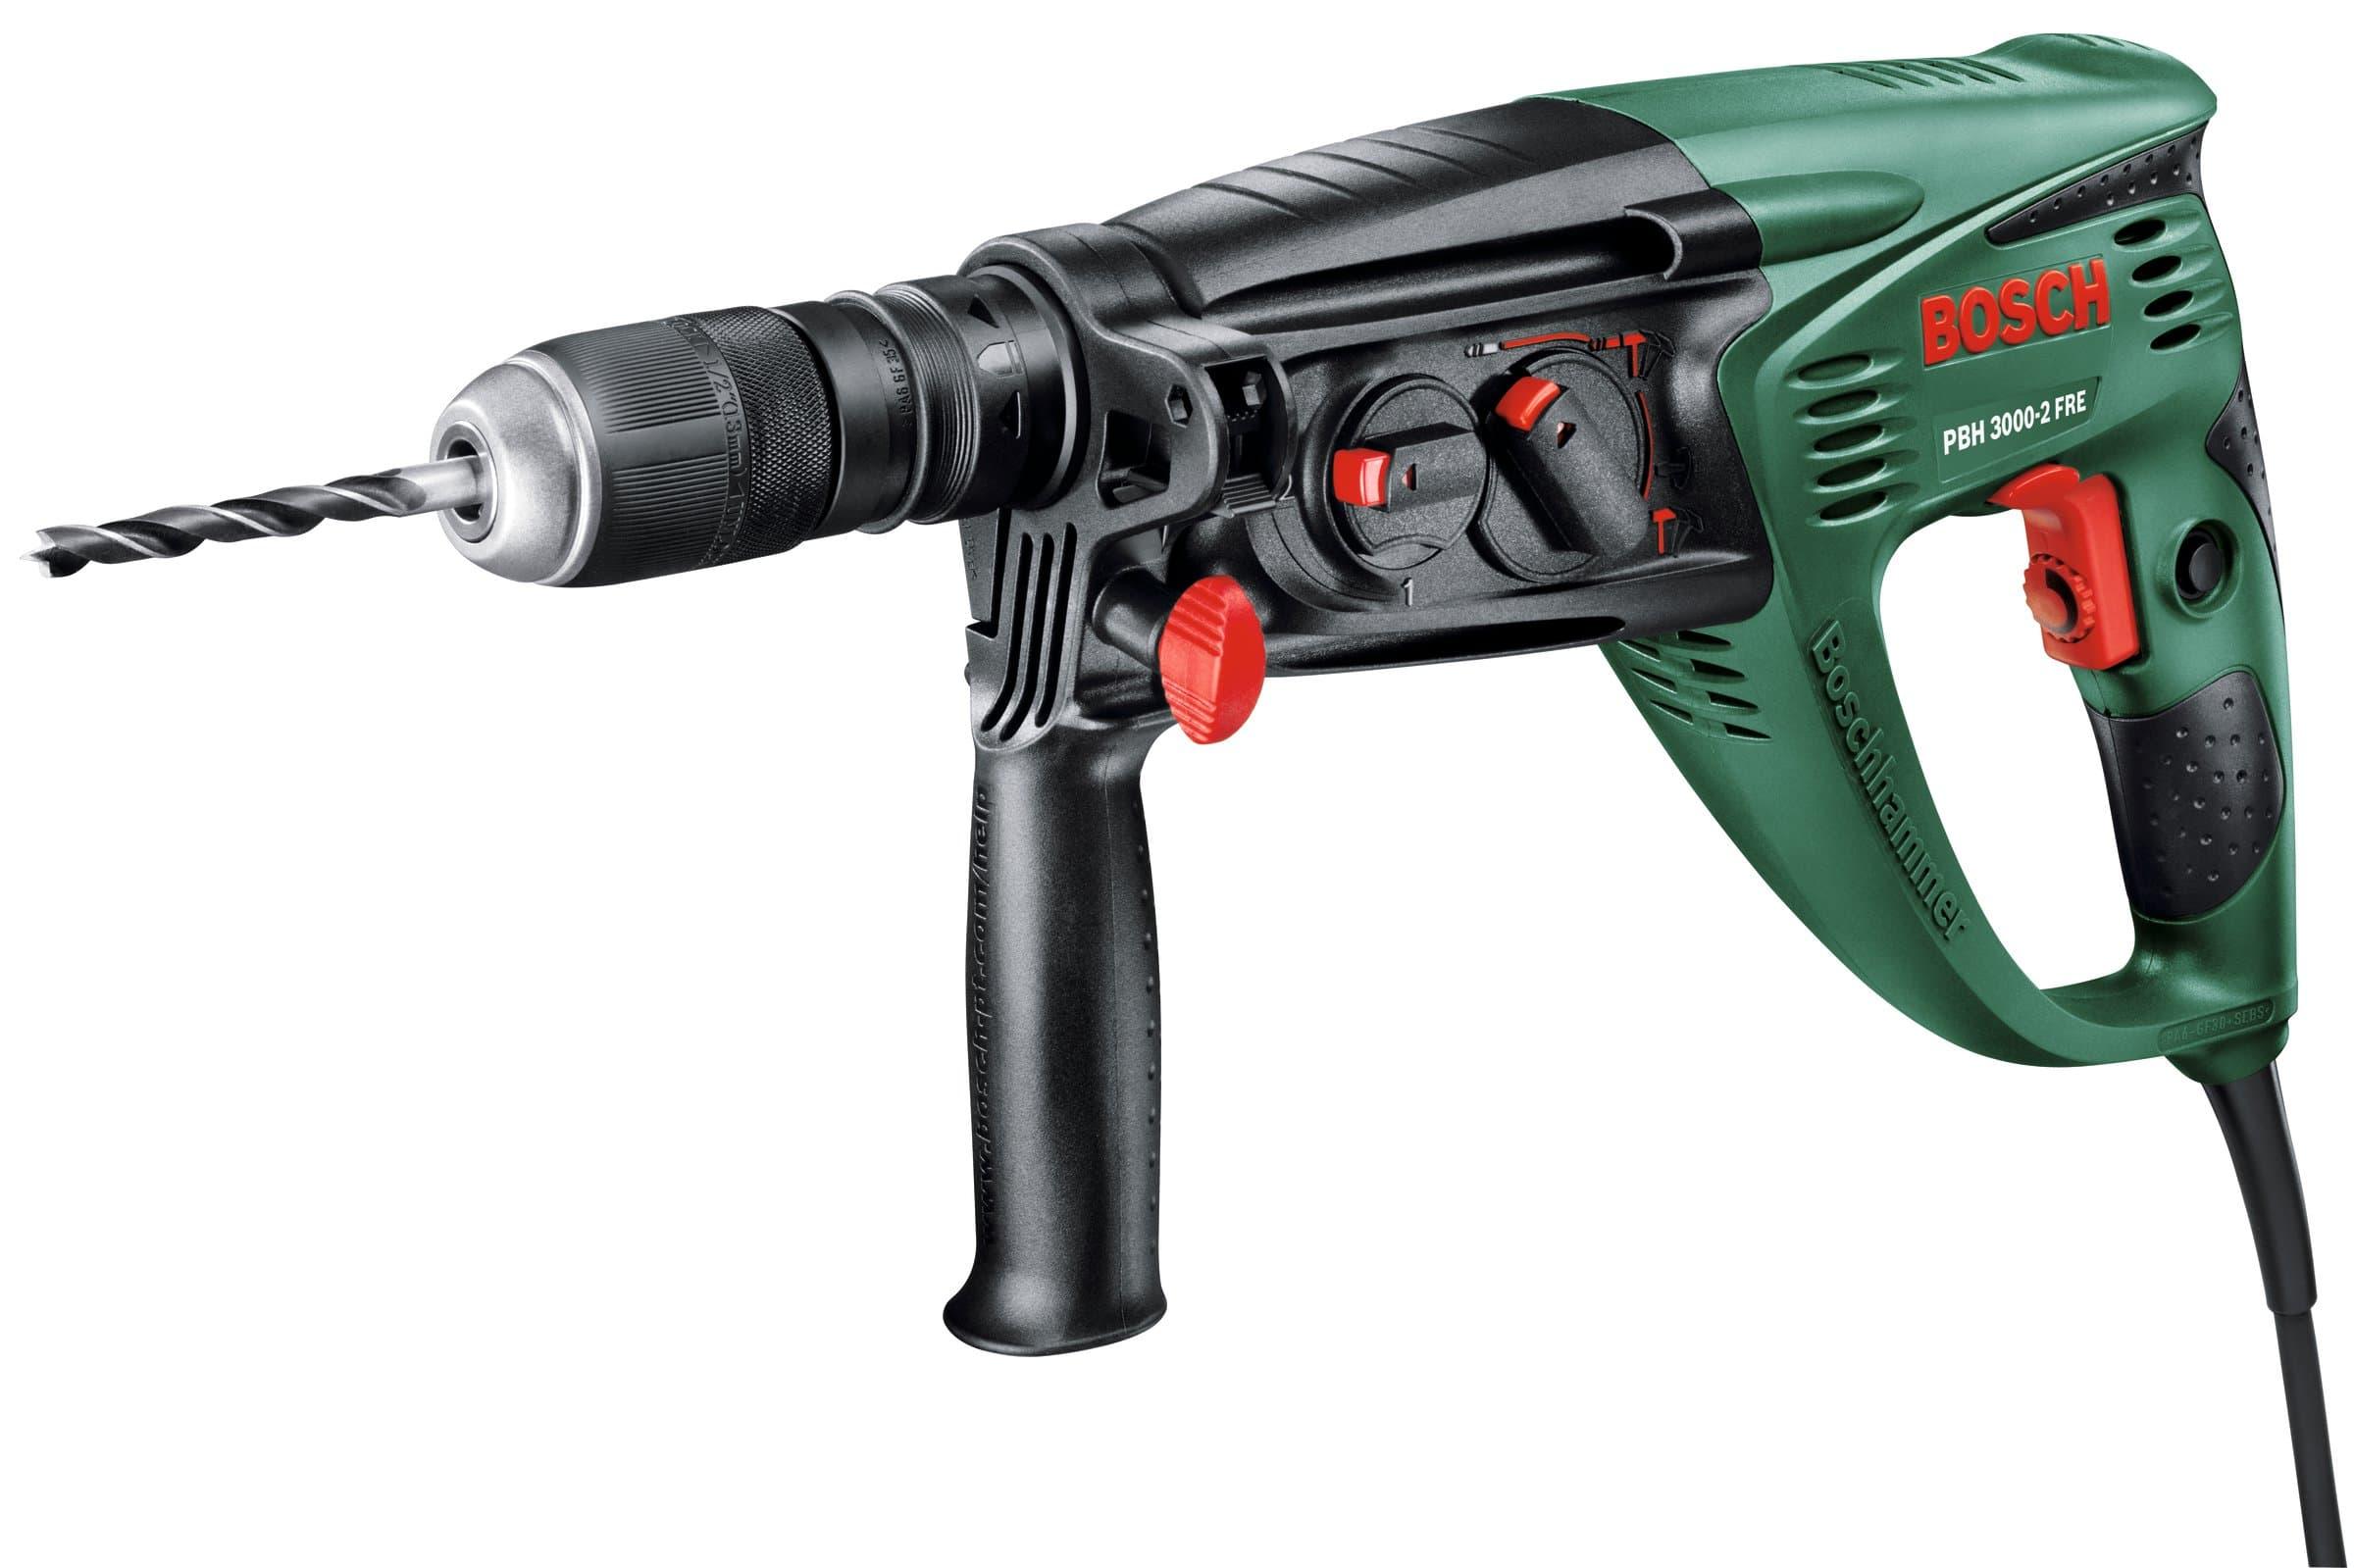 Bosch Martello perforatore PBH 3000-2 FRE